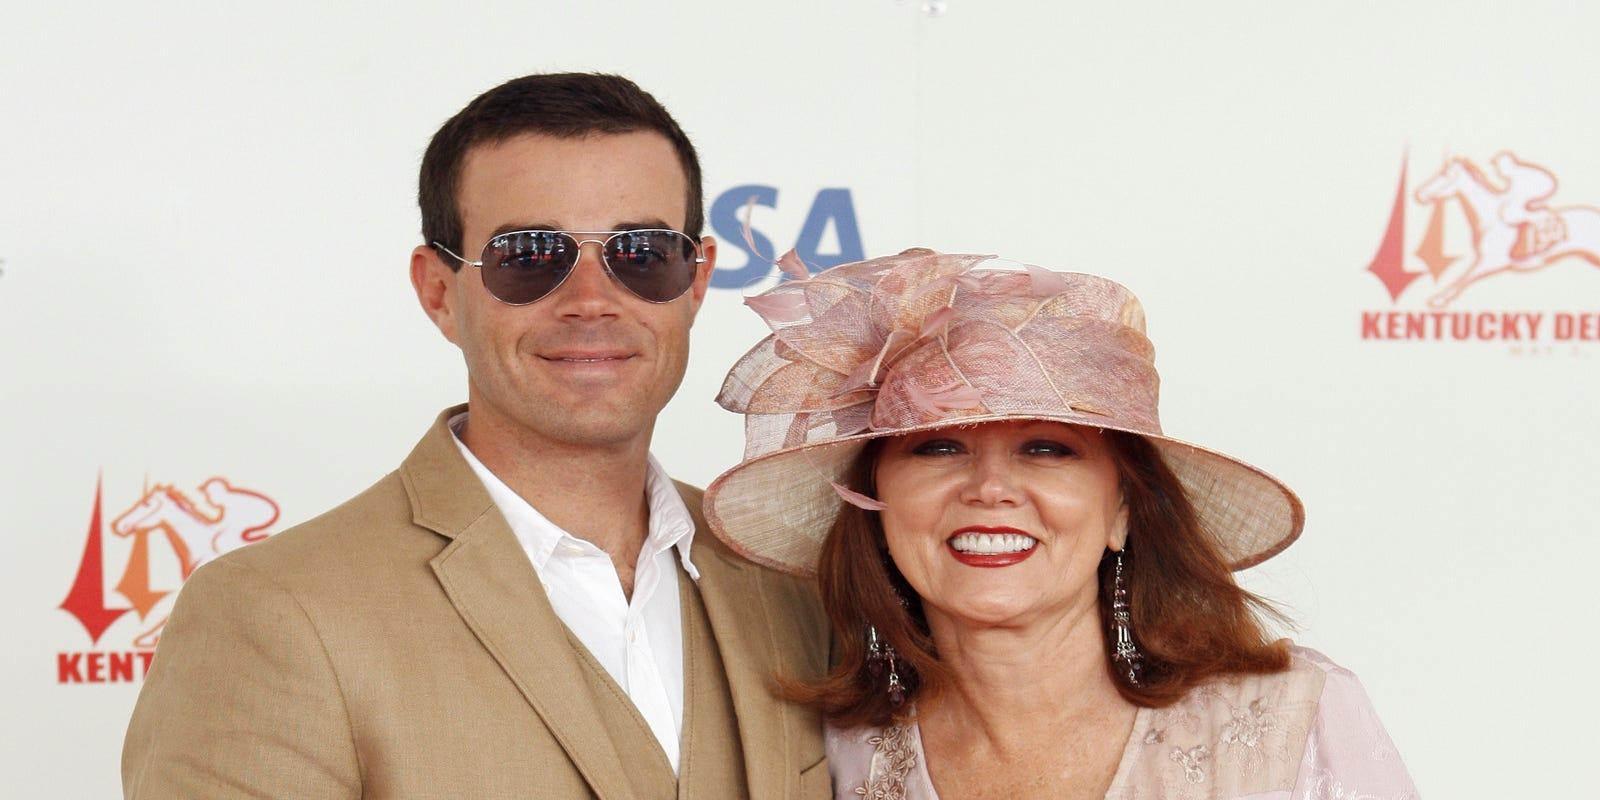 Nbc Tv Personality Carson Daly S Mom Pattie Daly Caruso Dies